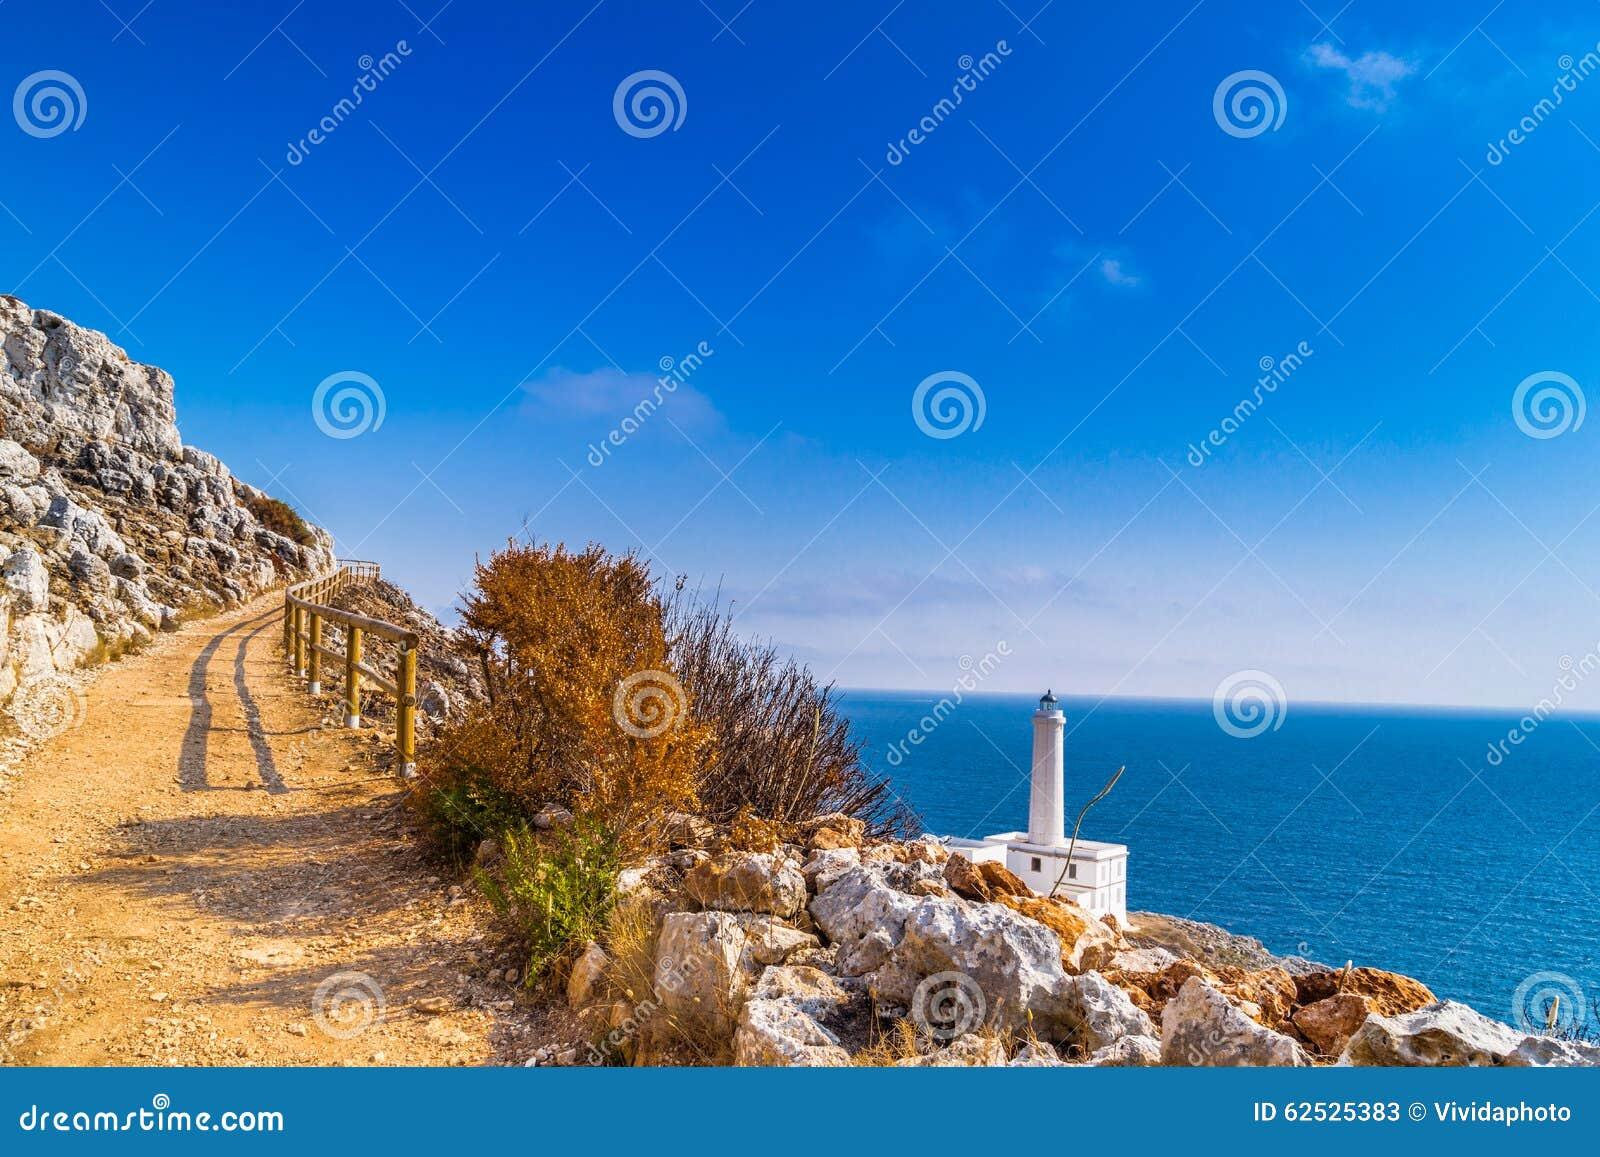 奥特朗托海角灯塔在意大利